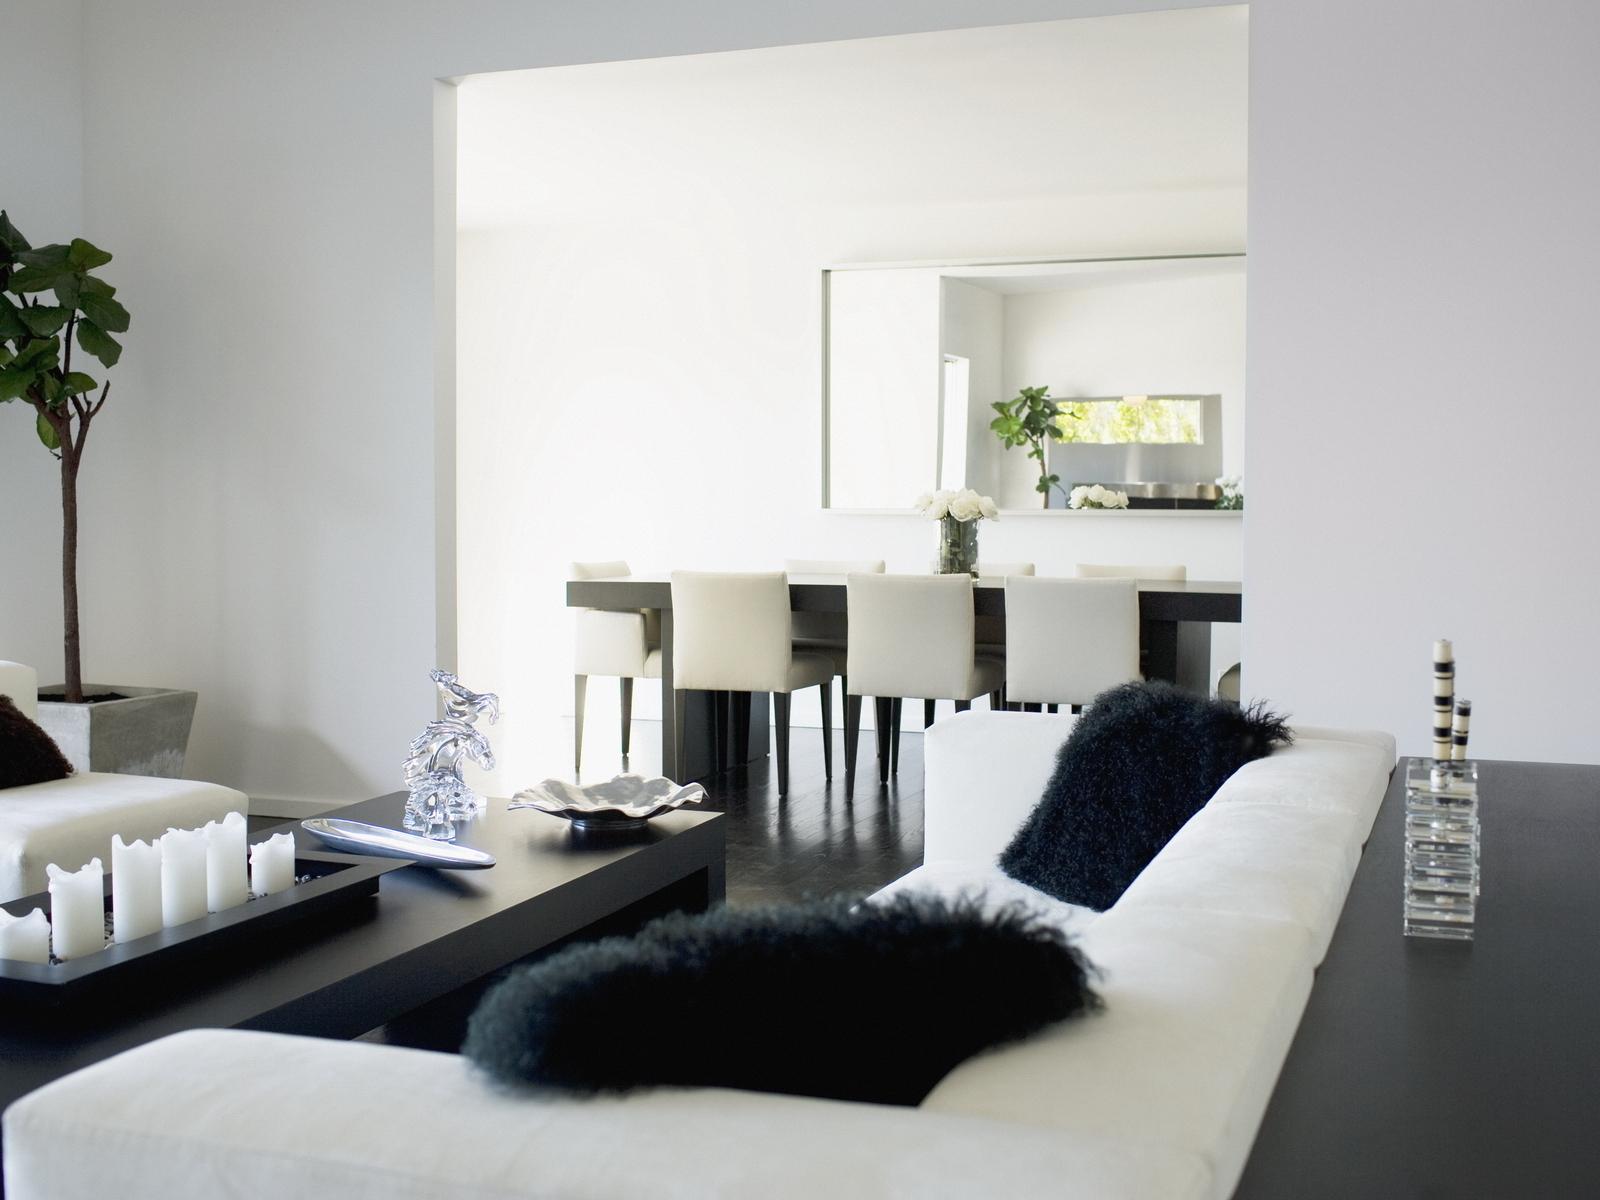 Интерьер комната квартира дизайн